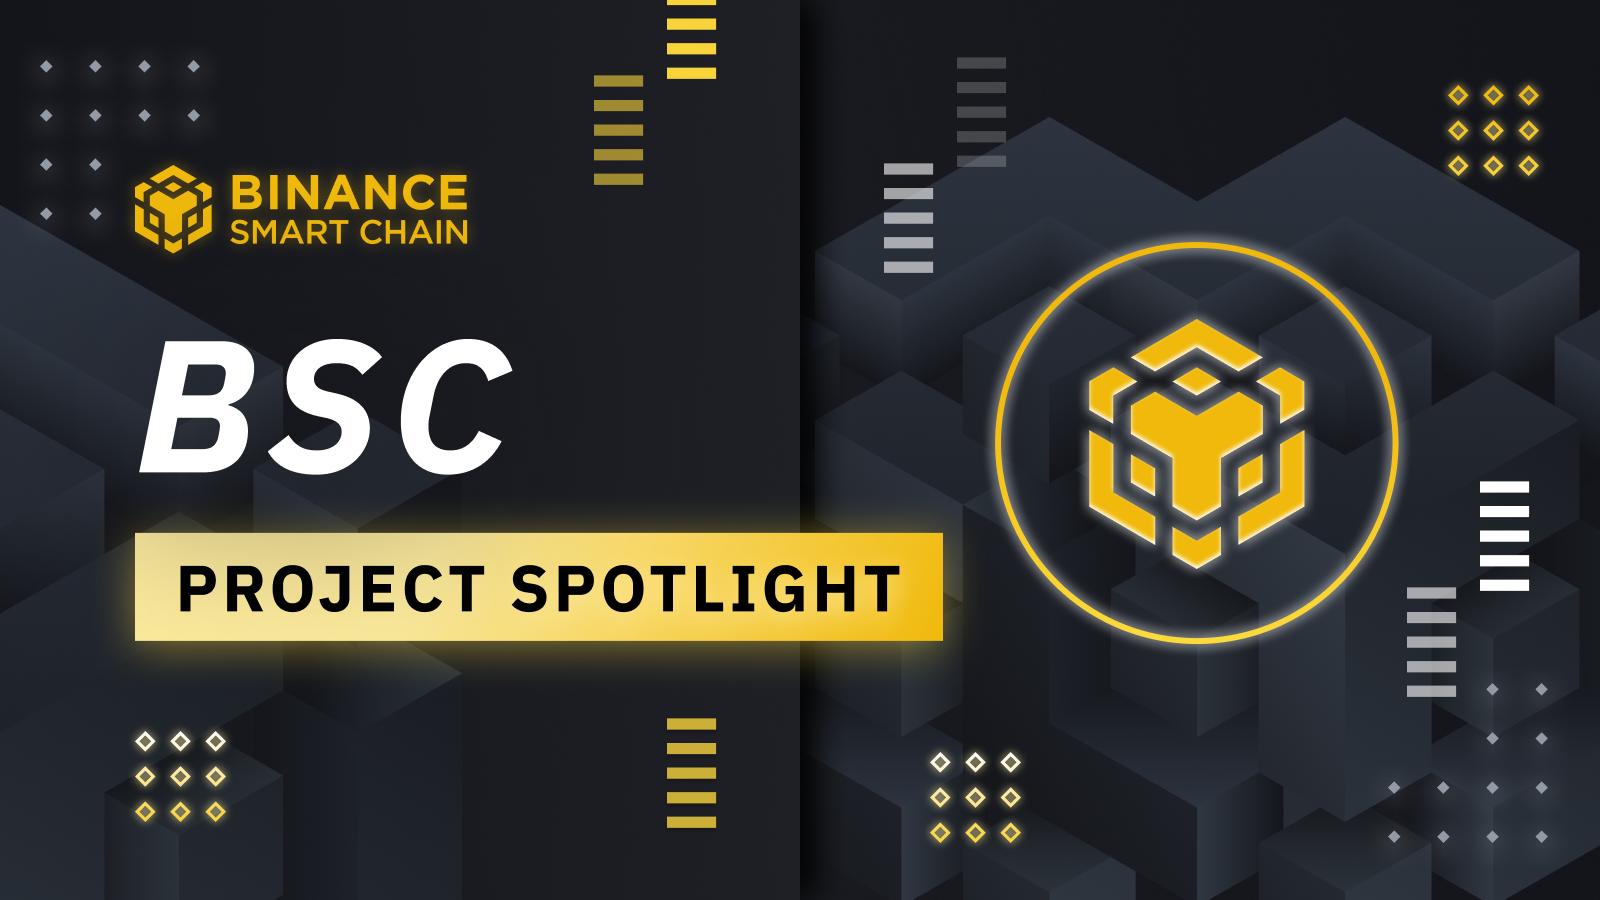 BSC 項目聚焦:CryptoBlades